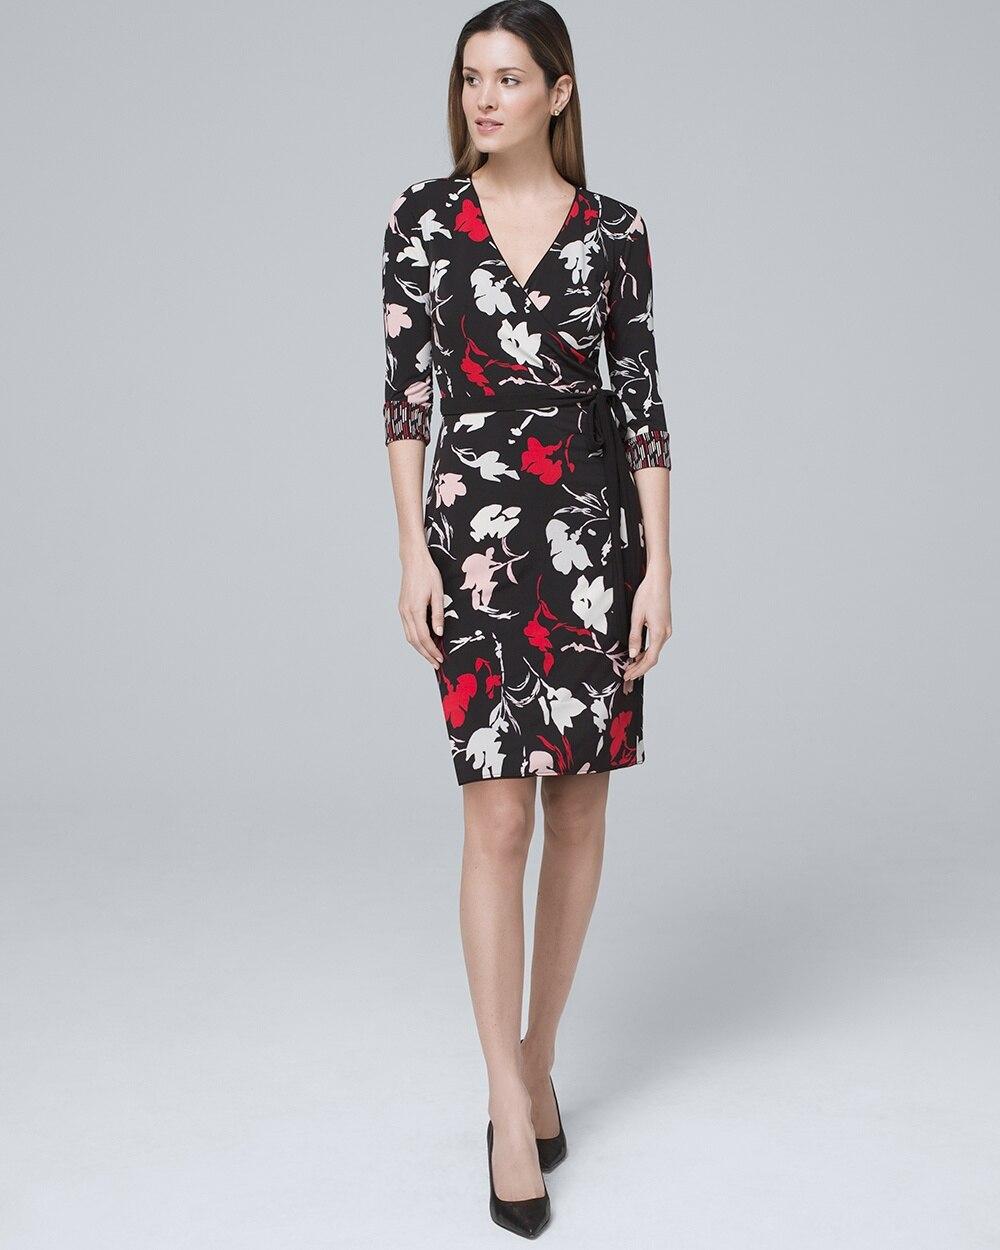 bf7992627f5f Reversible Floral/Geo-Print Faux-Wrap Dress - White House Black Market